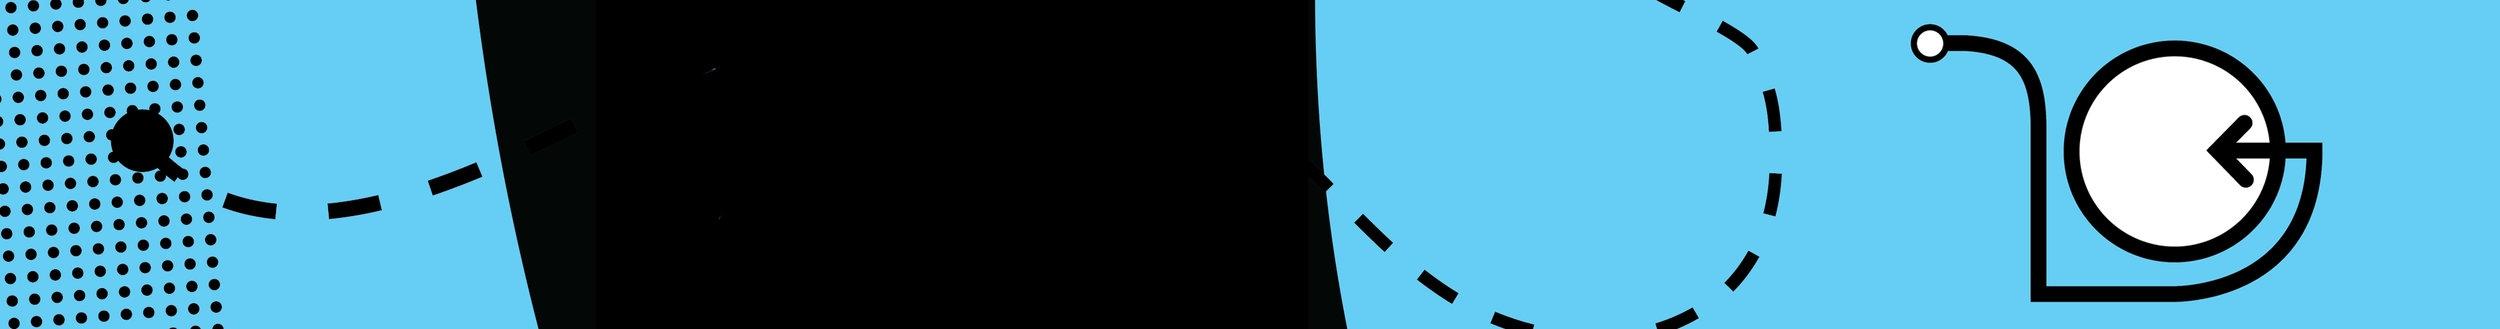 Banner-Remade---Blue---JC.jpg